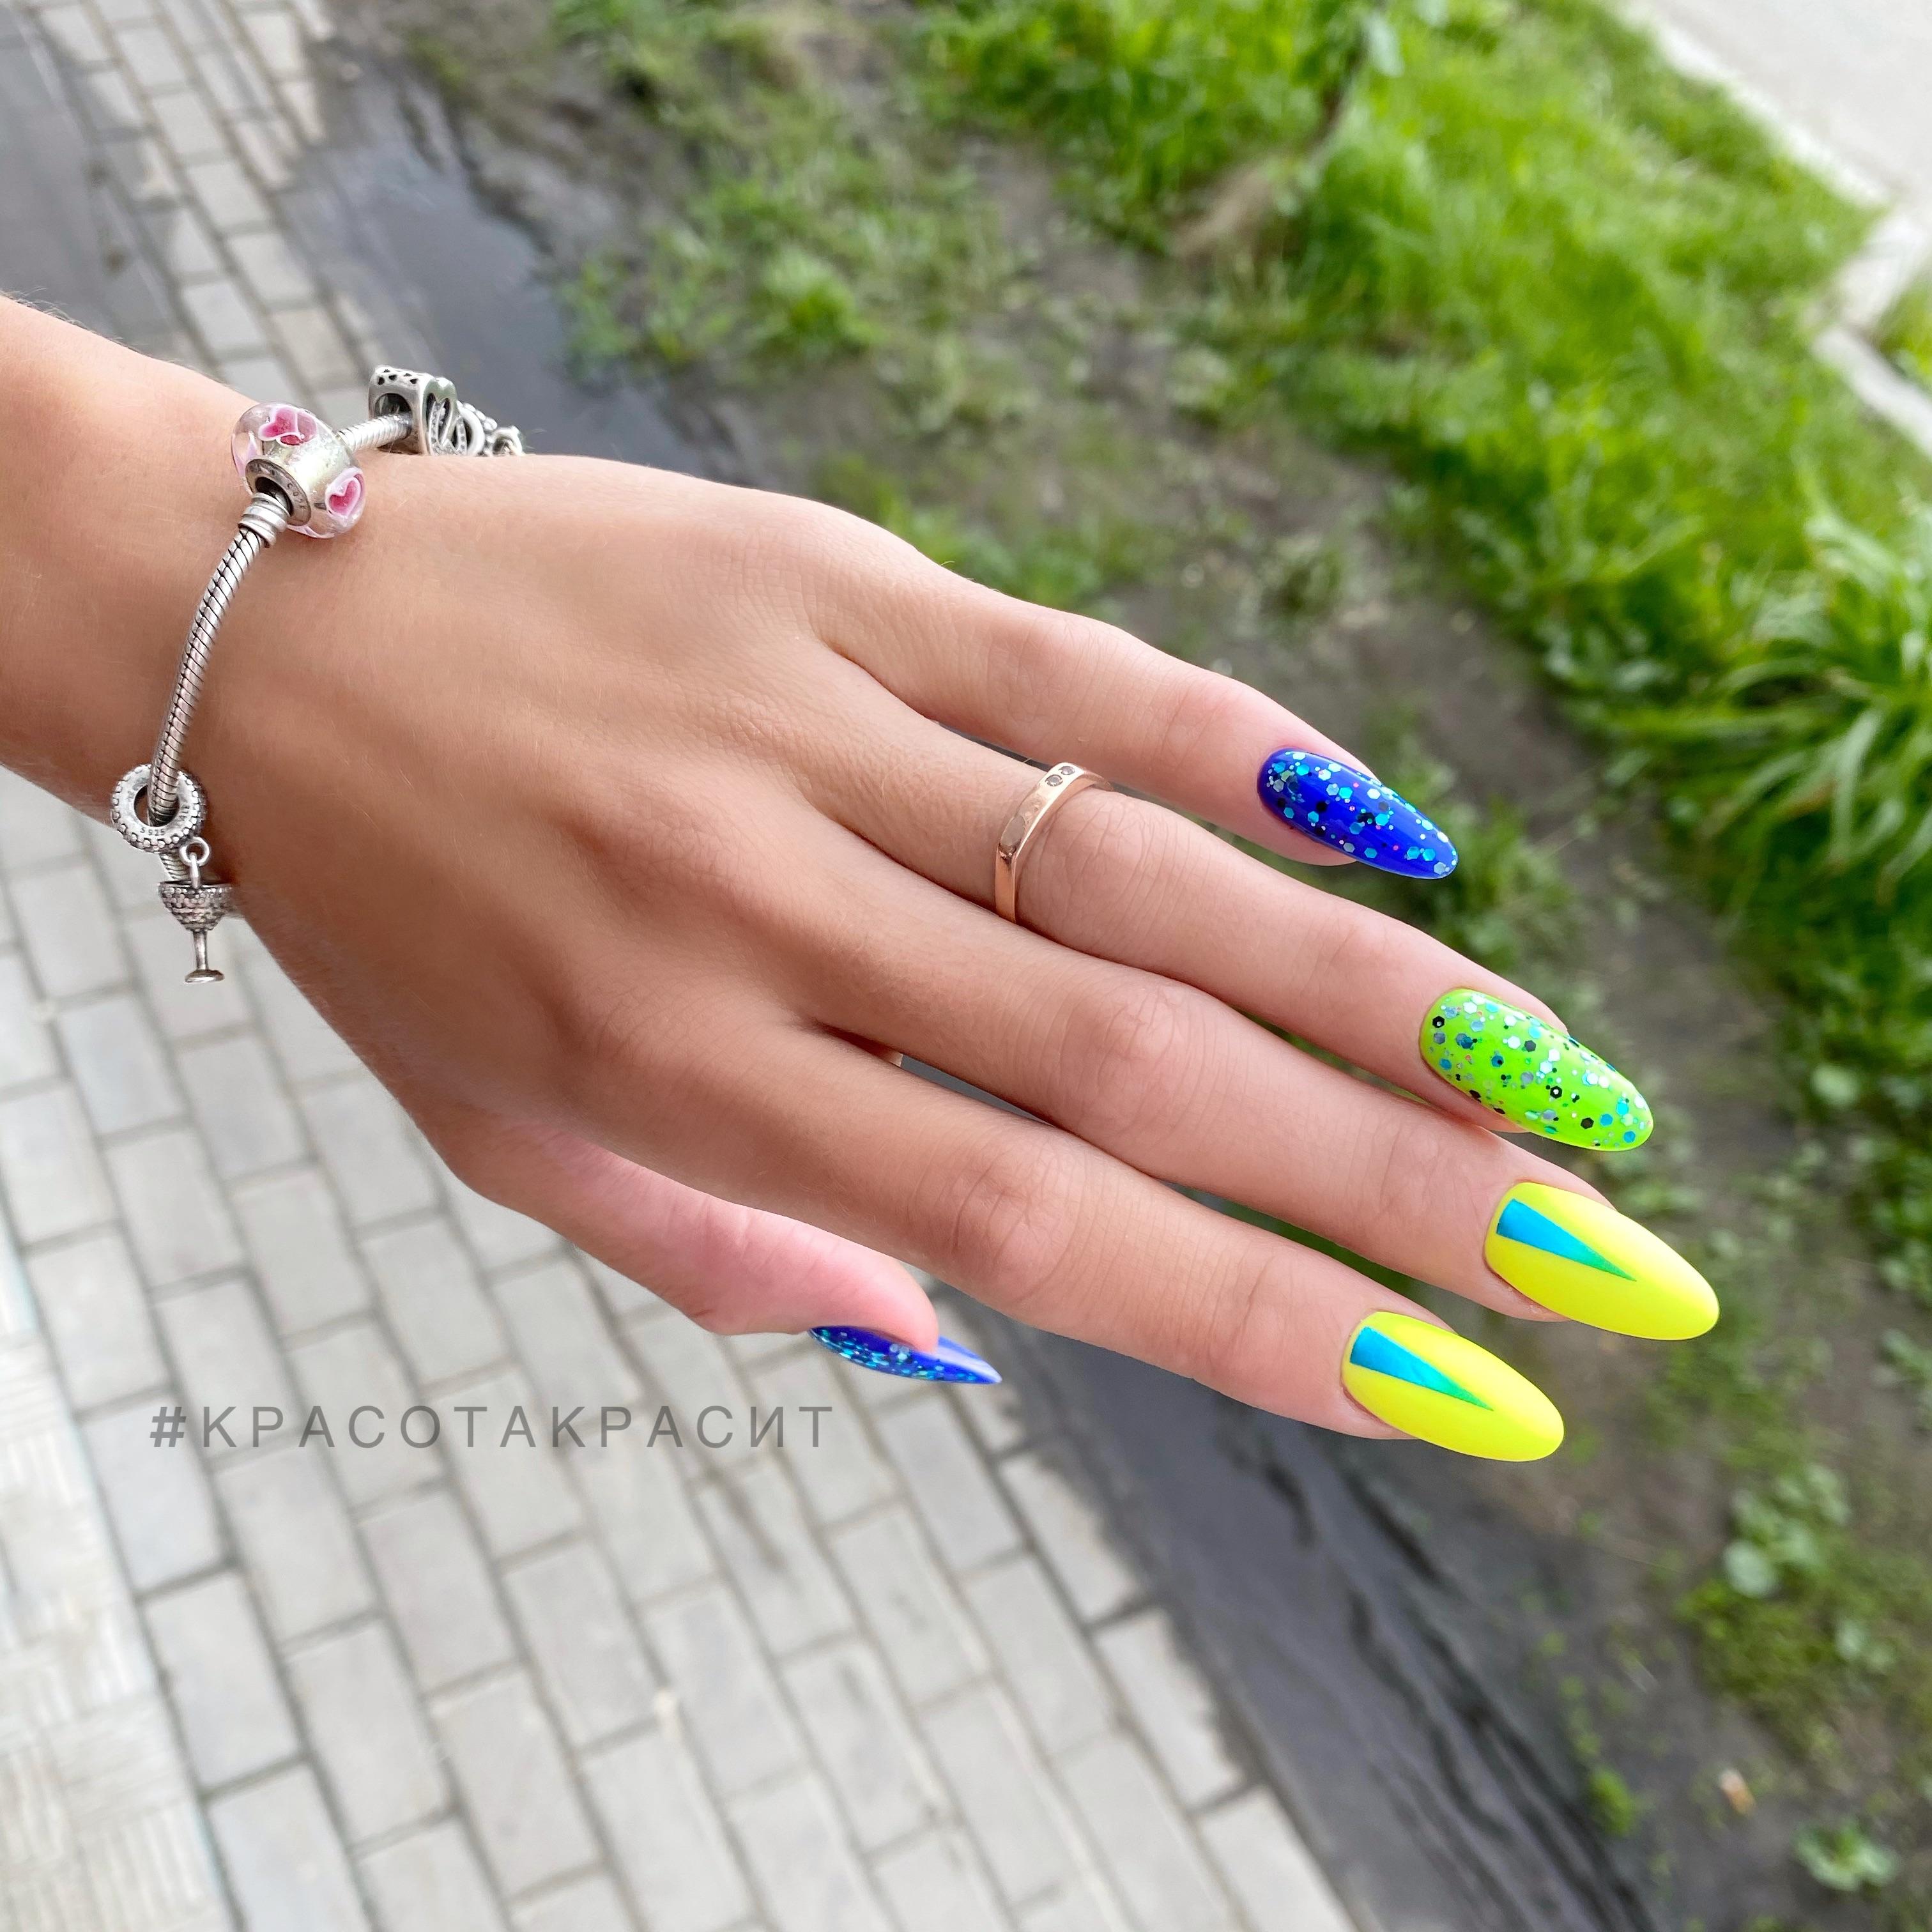 Маникюр с цветными камифубуки на длинные ногти.